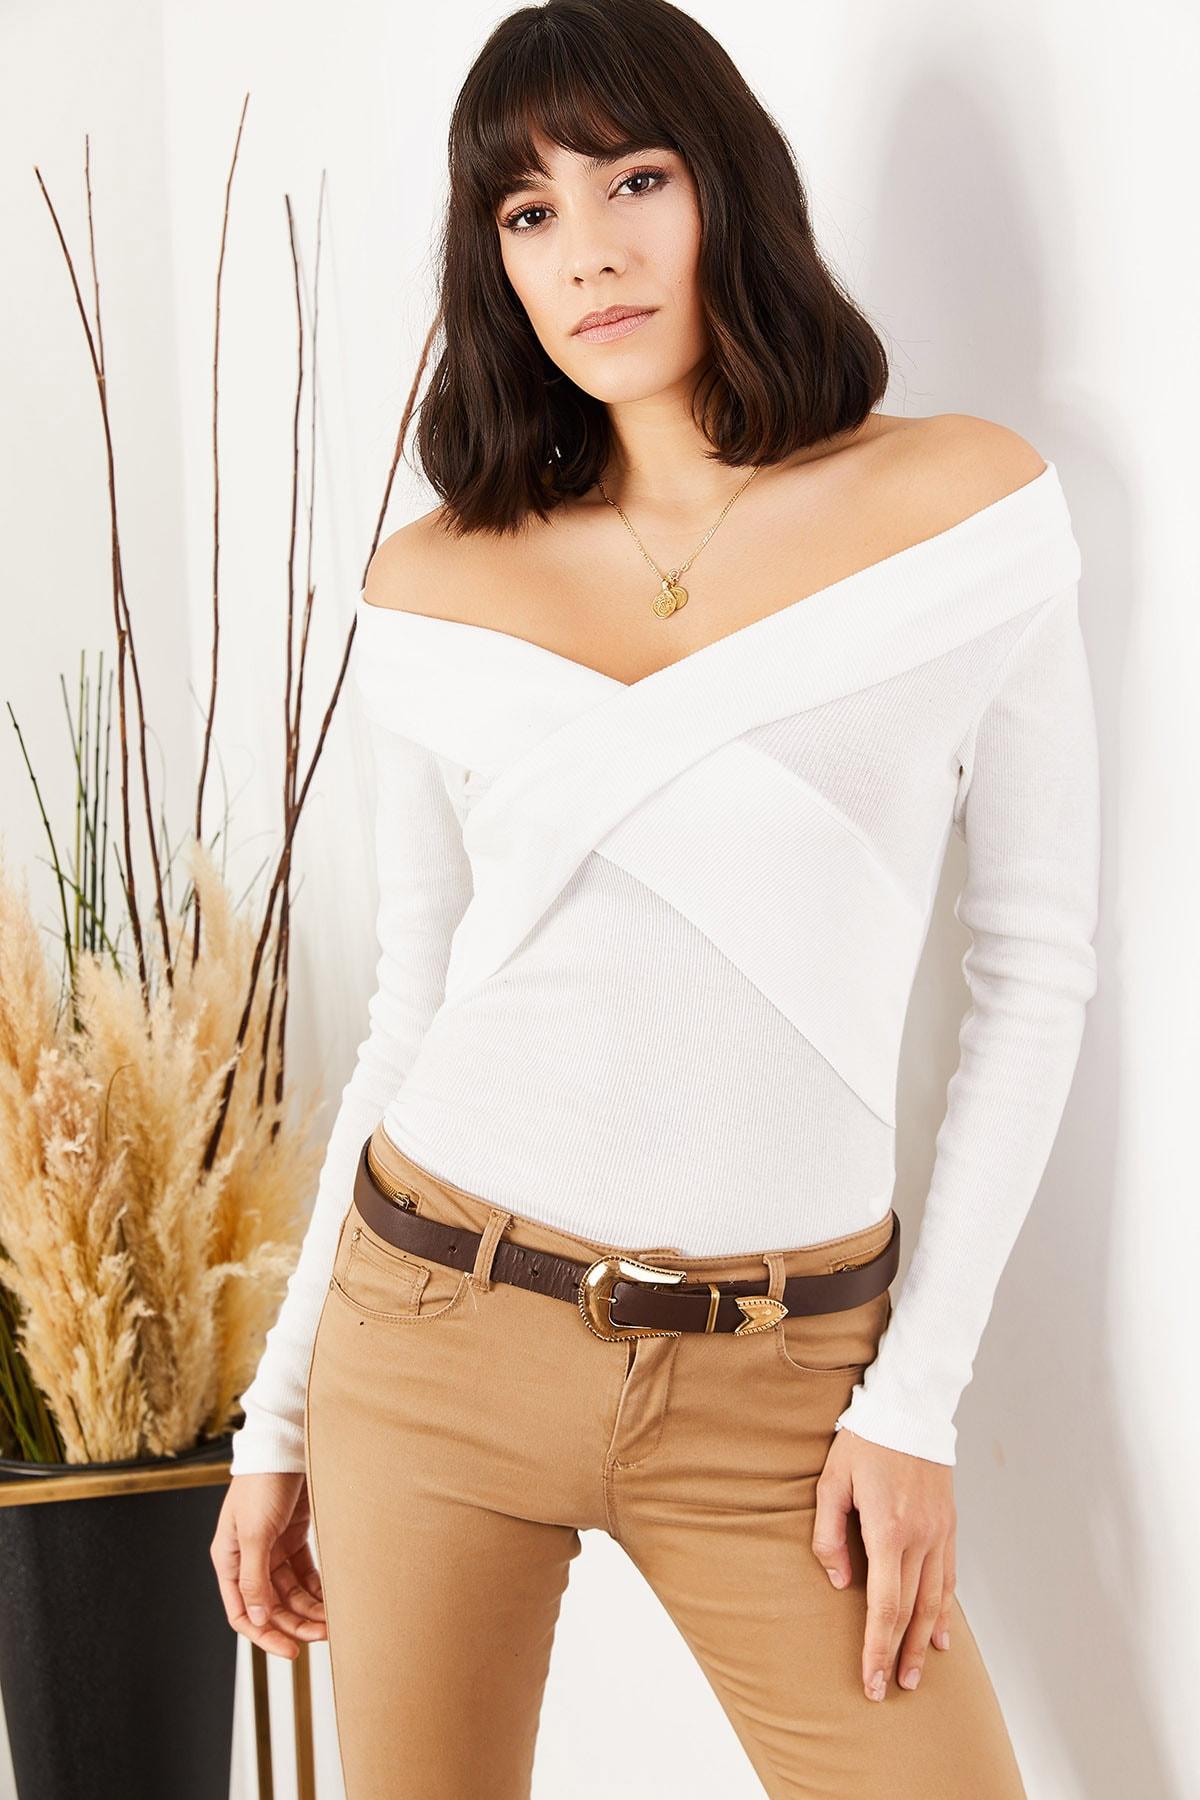 Olalook Kadın Beyaz Çapraz Detaylı Kaşkorse Bluz BLZ-19001271 2